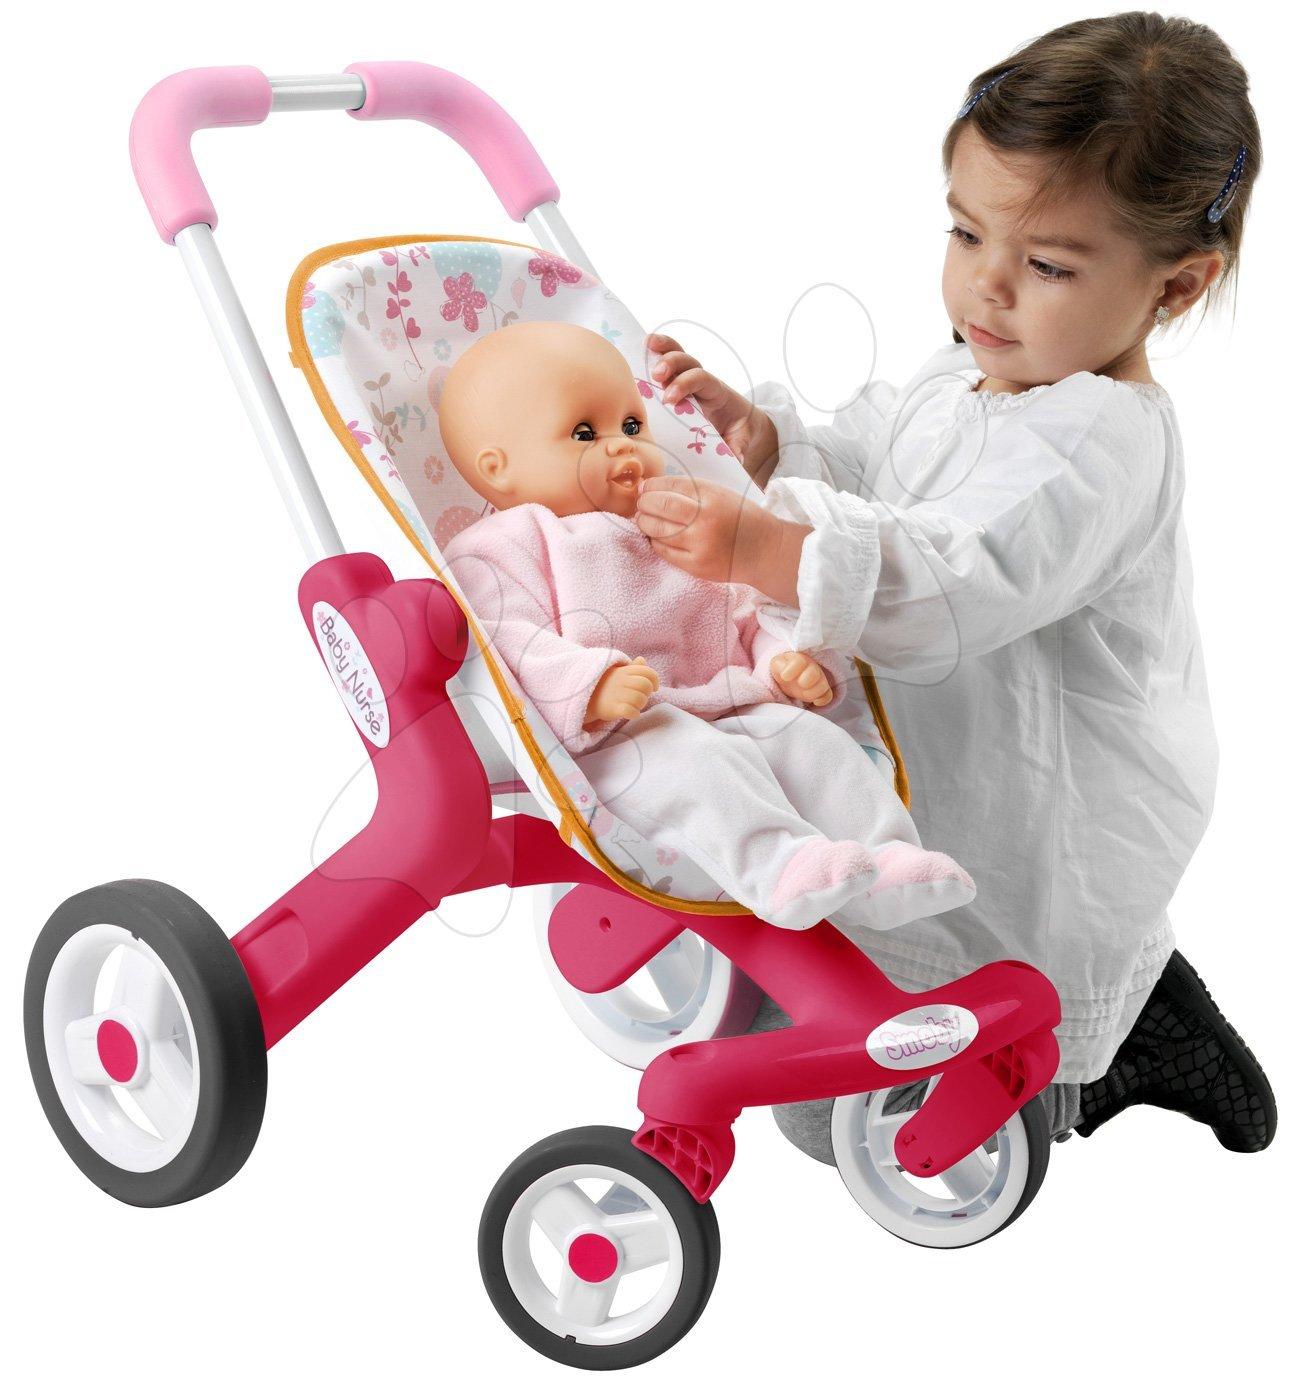 Kočárky od 18 měsíců - Baby nurse kočárek Poussette Pop sportovní Smoby sportovní, výška rukojeti 53,5 cm, od 18 měsíců